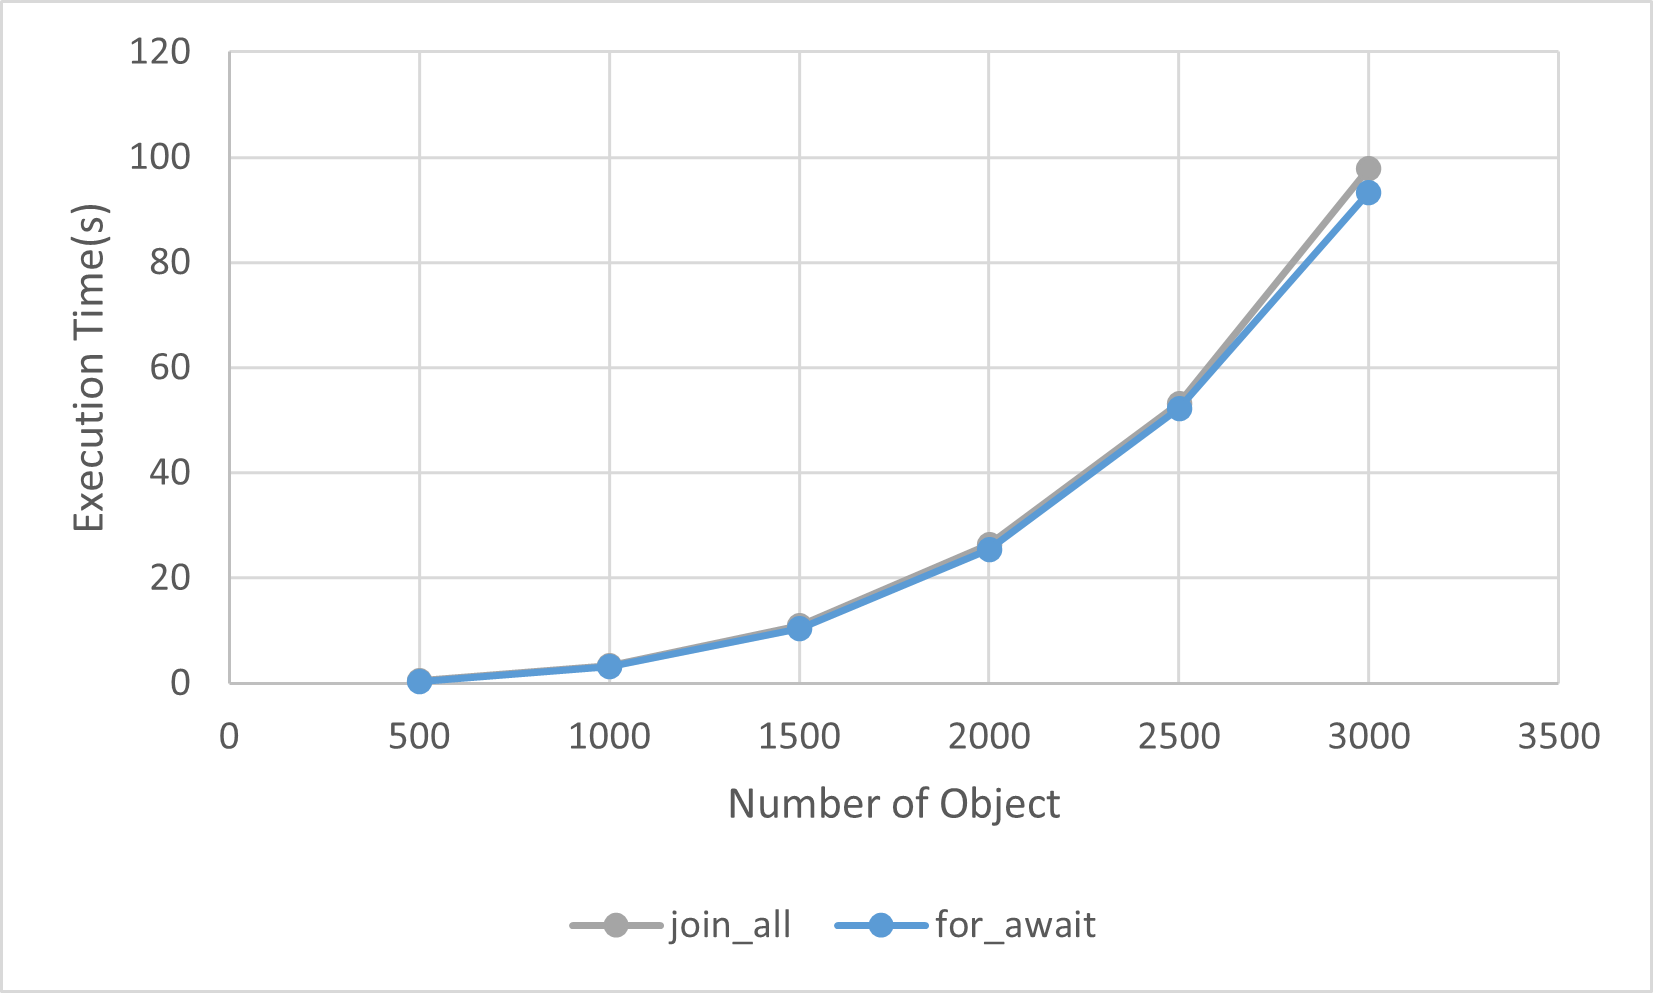 join_all-vs-for-await